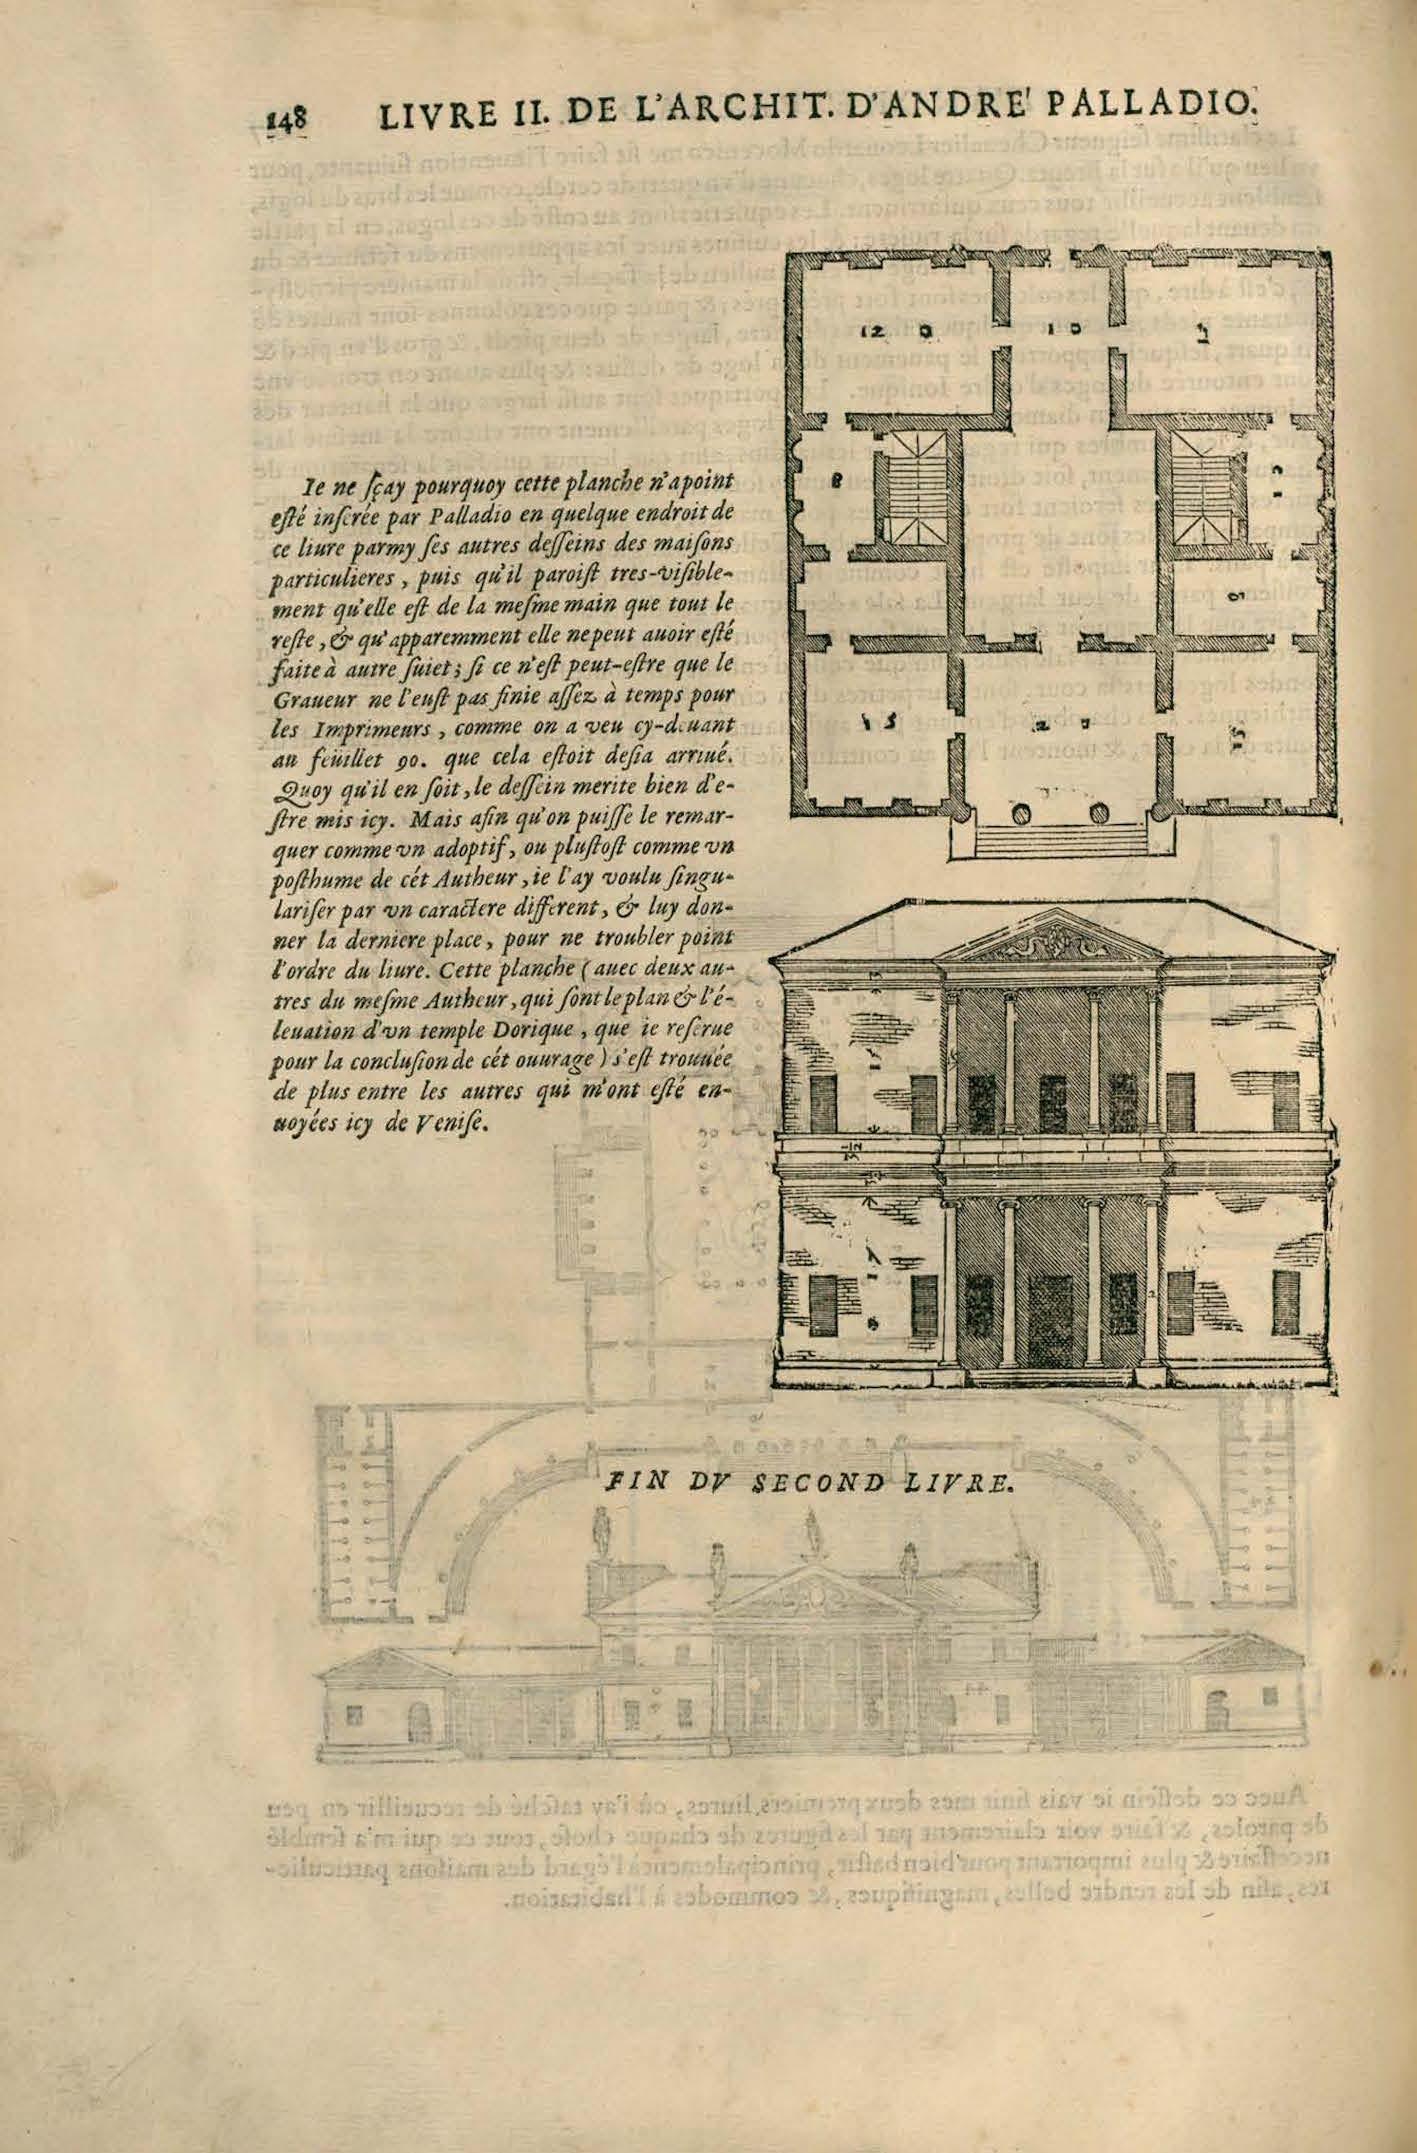 """""""Fig. 1. Les quatre livres de l'architecture d'André Palladio..., Paris, Edme Martin, 1650, p. 148."""""""